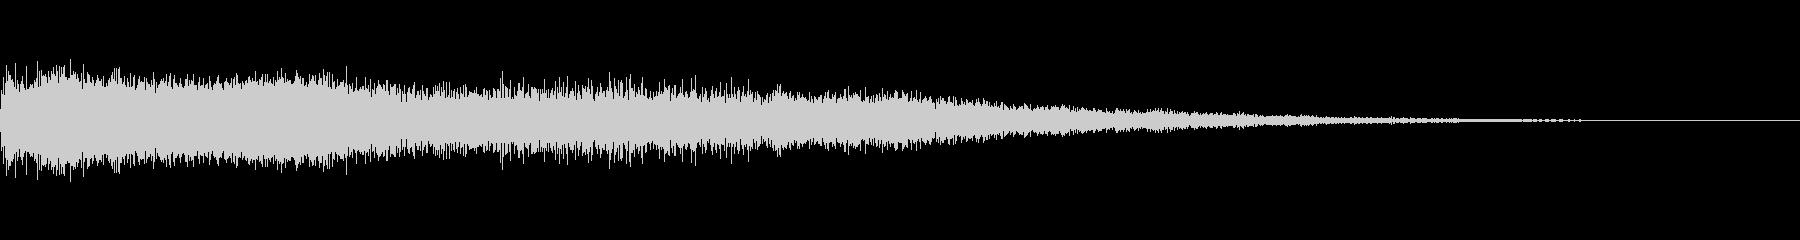 フーシ6ヘビーシンセフーシの未再生の波形